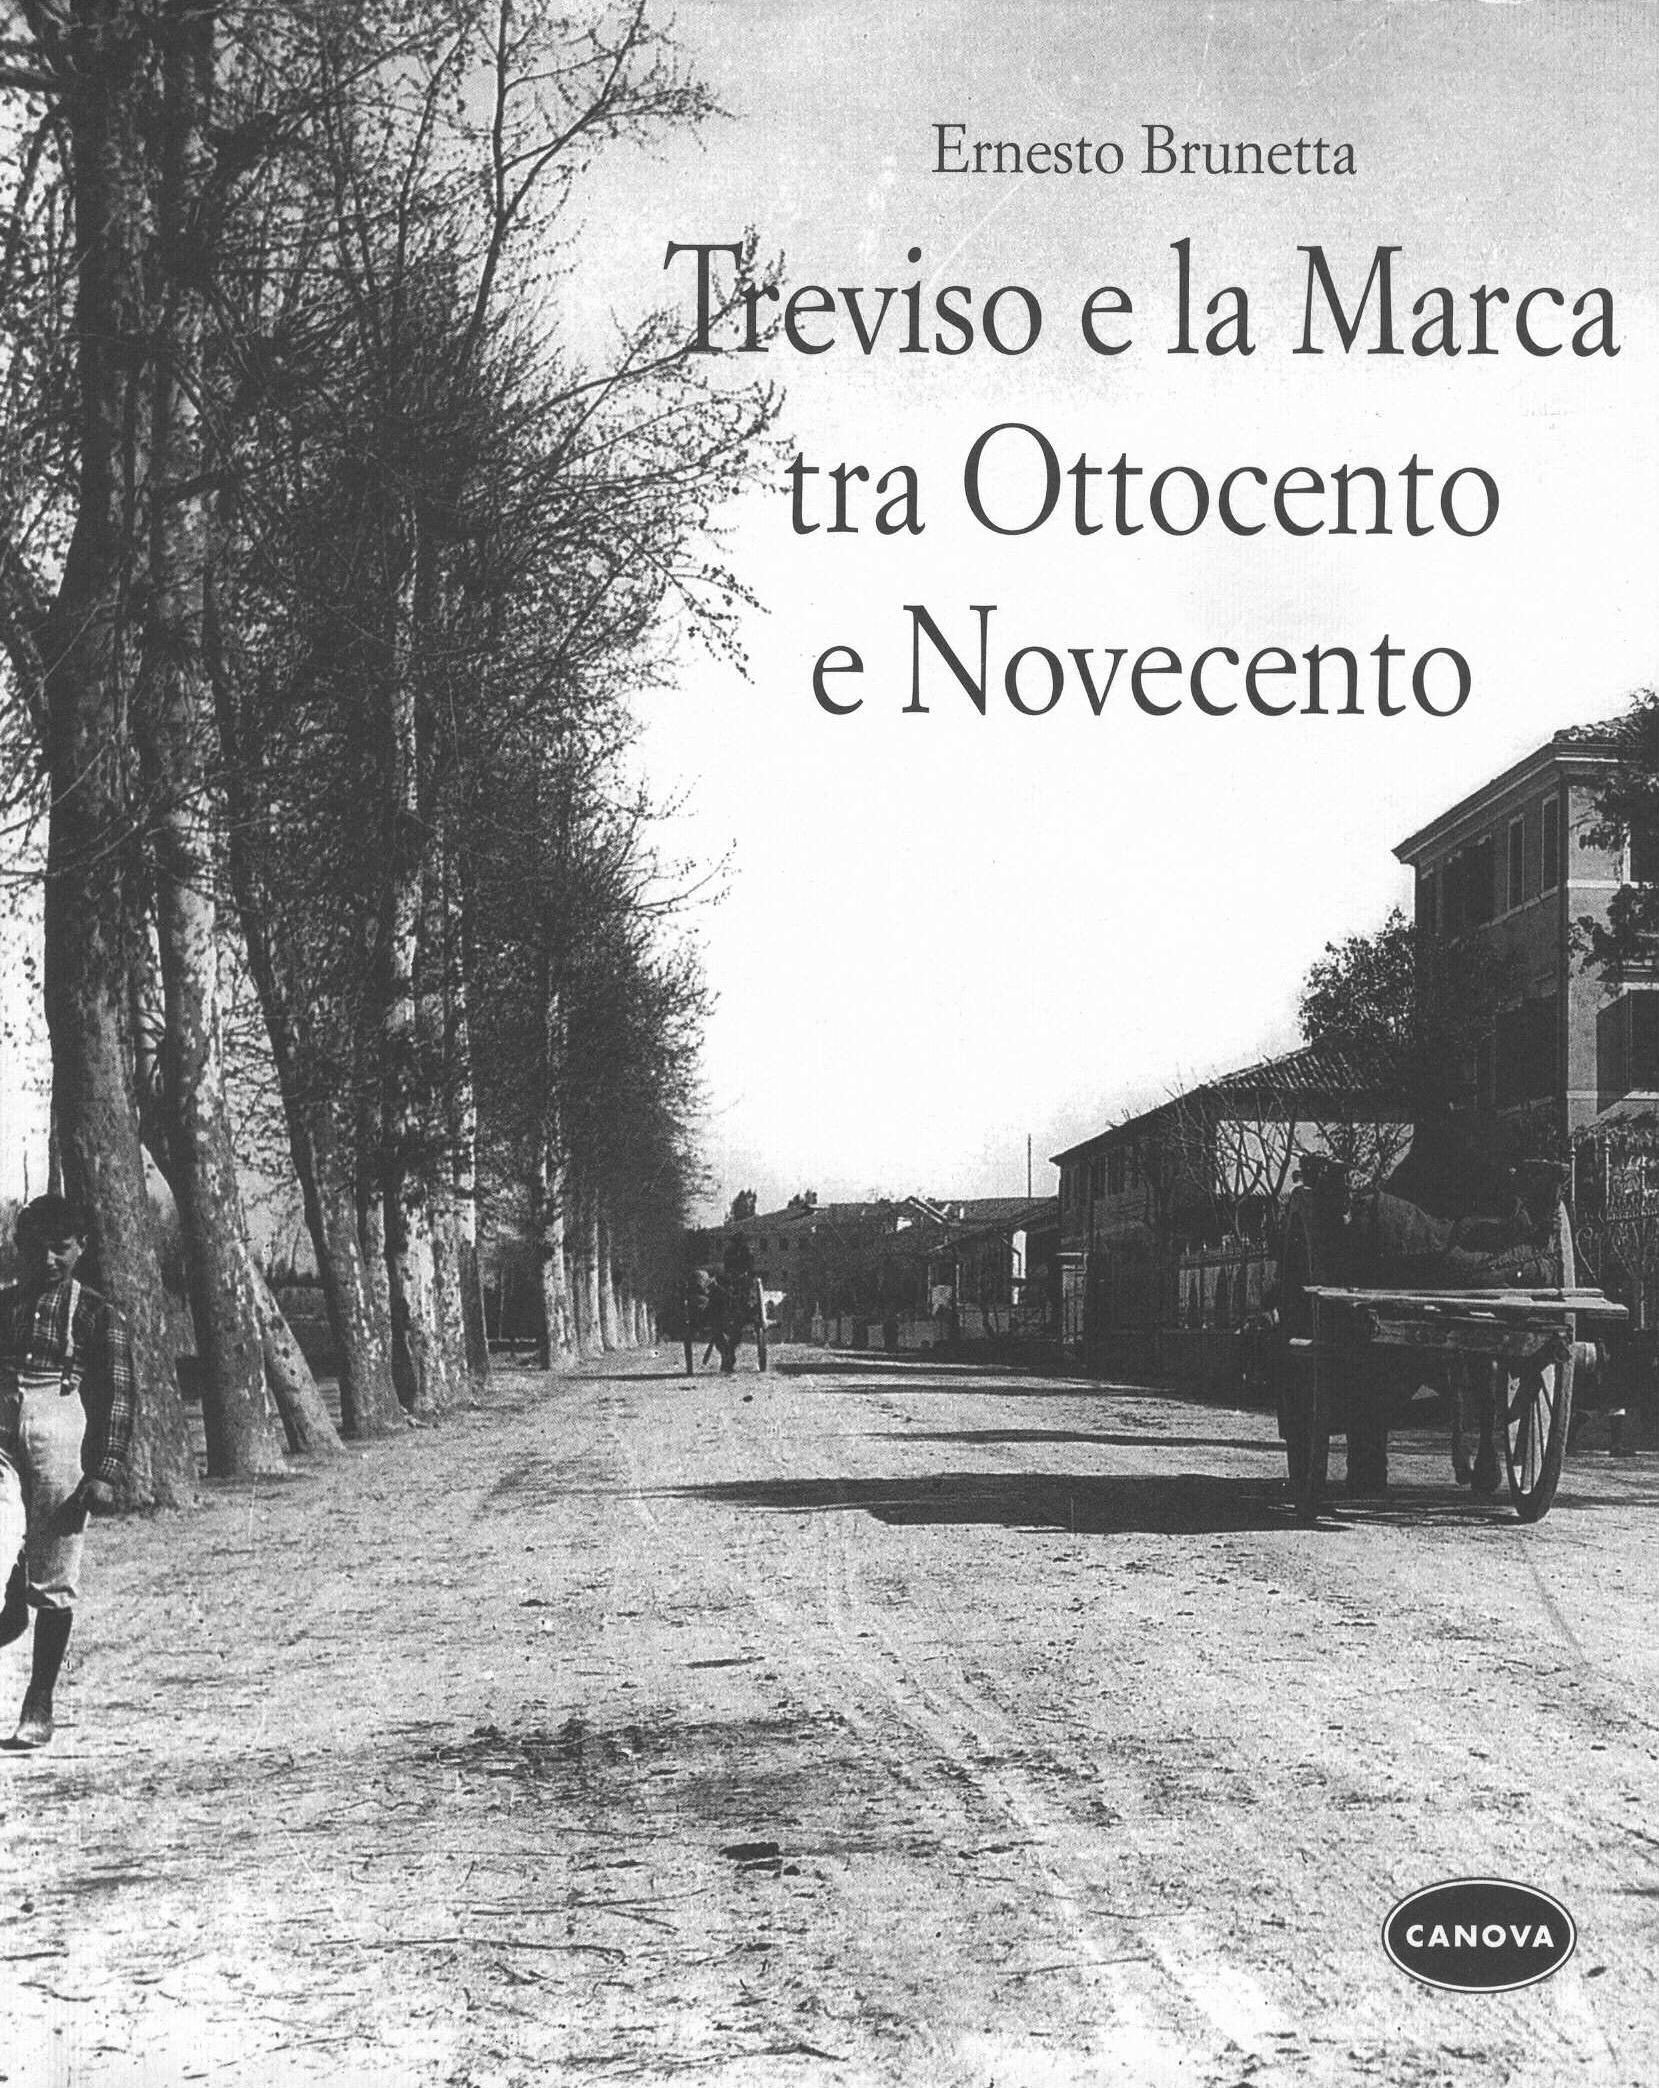 Treviso e la Marca tra Ottocento e Novecento